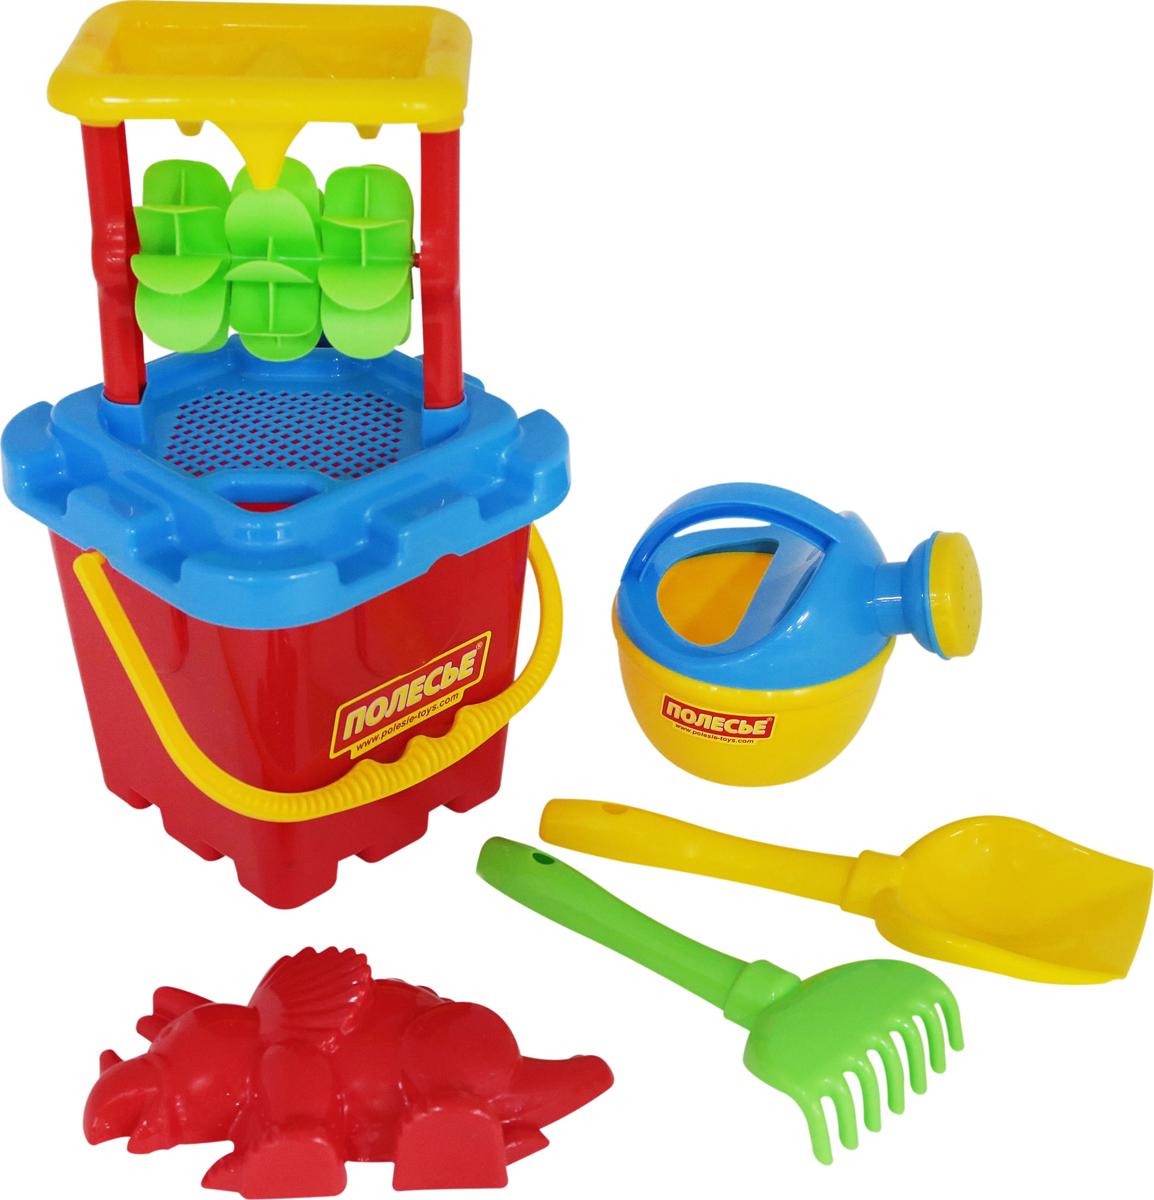 Полесье Набор игрушек для песочницы №285 полесье набор для песочницы 406